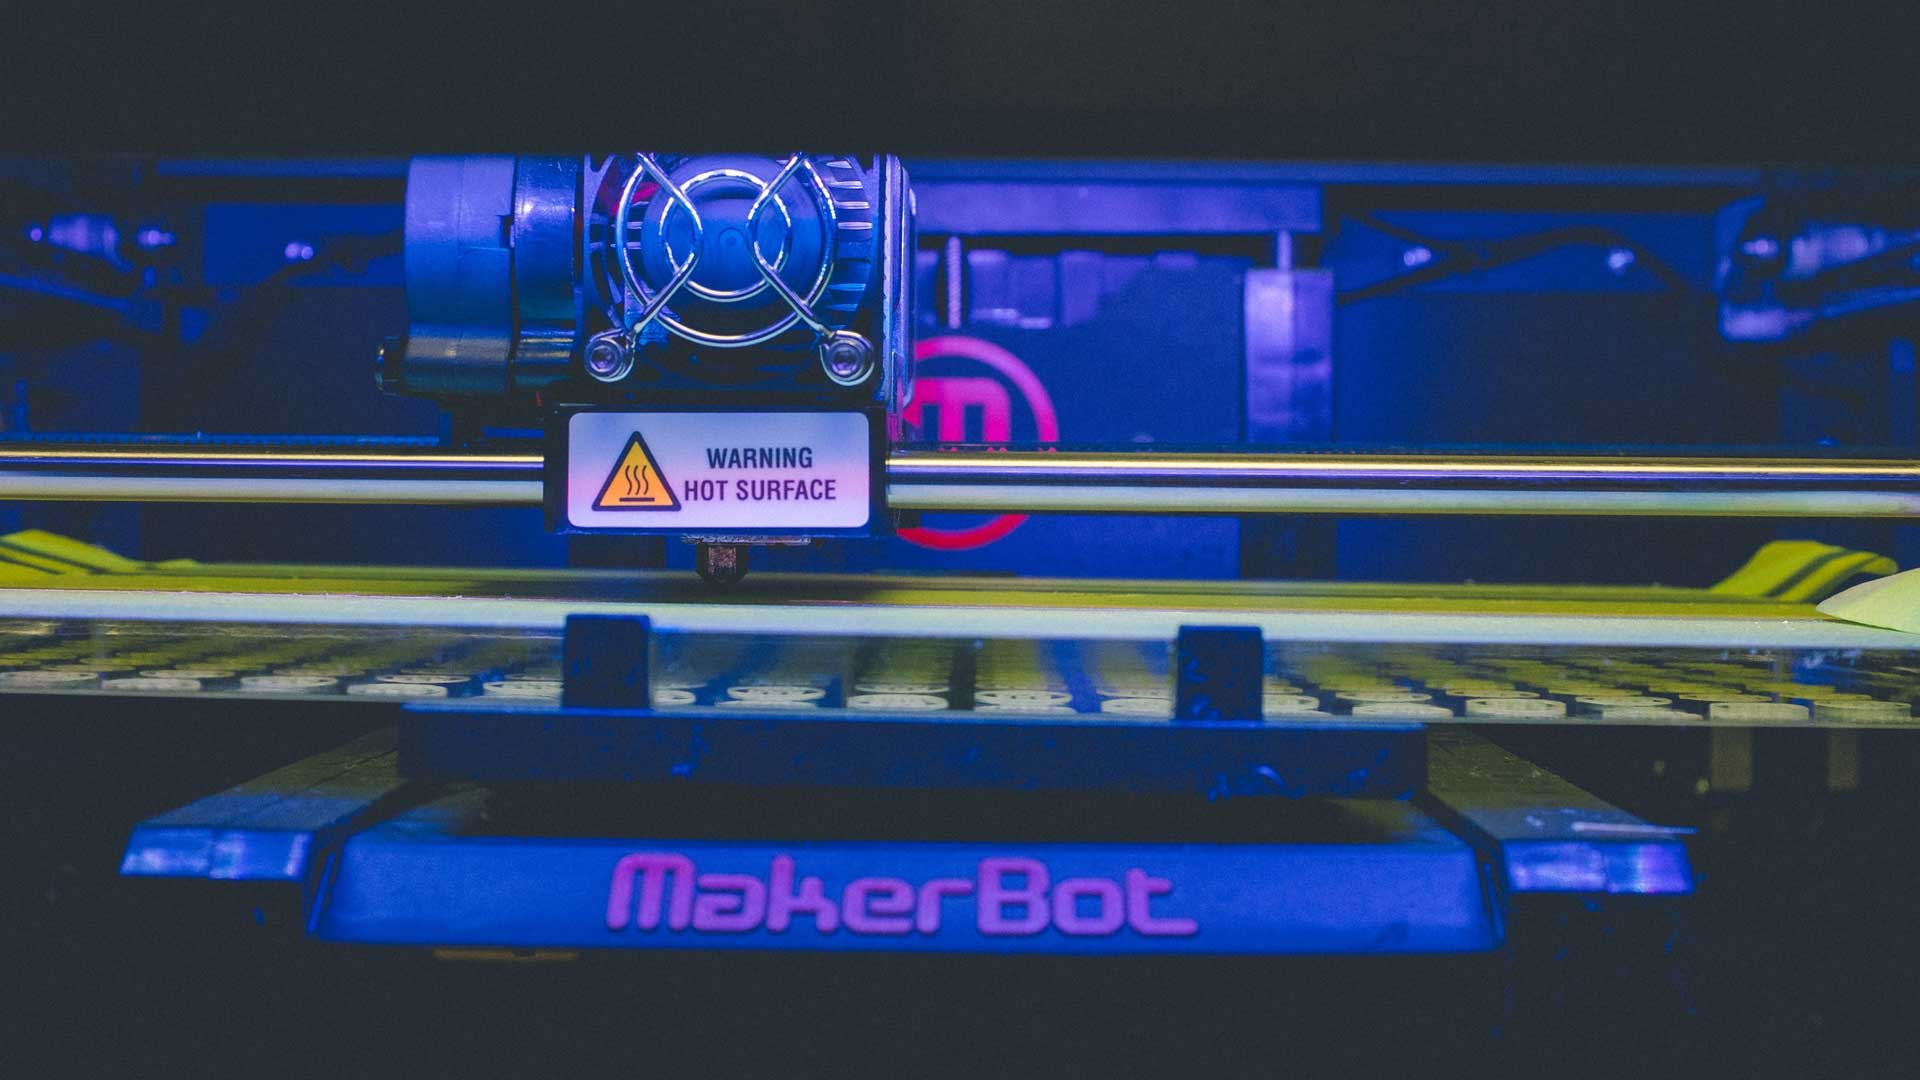 5 buenas razones para comprar una impresora 3D